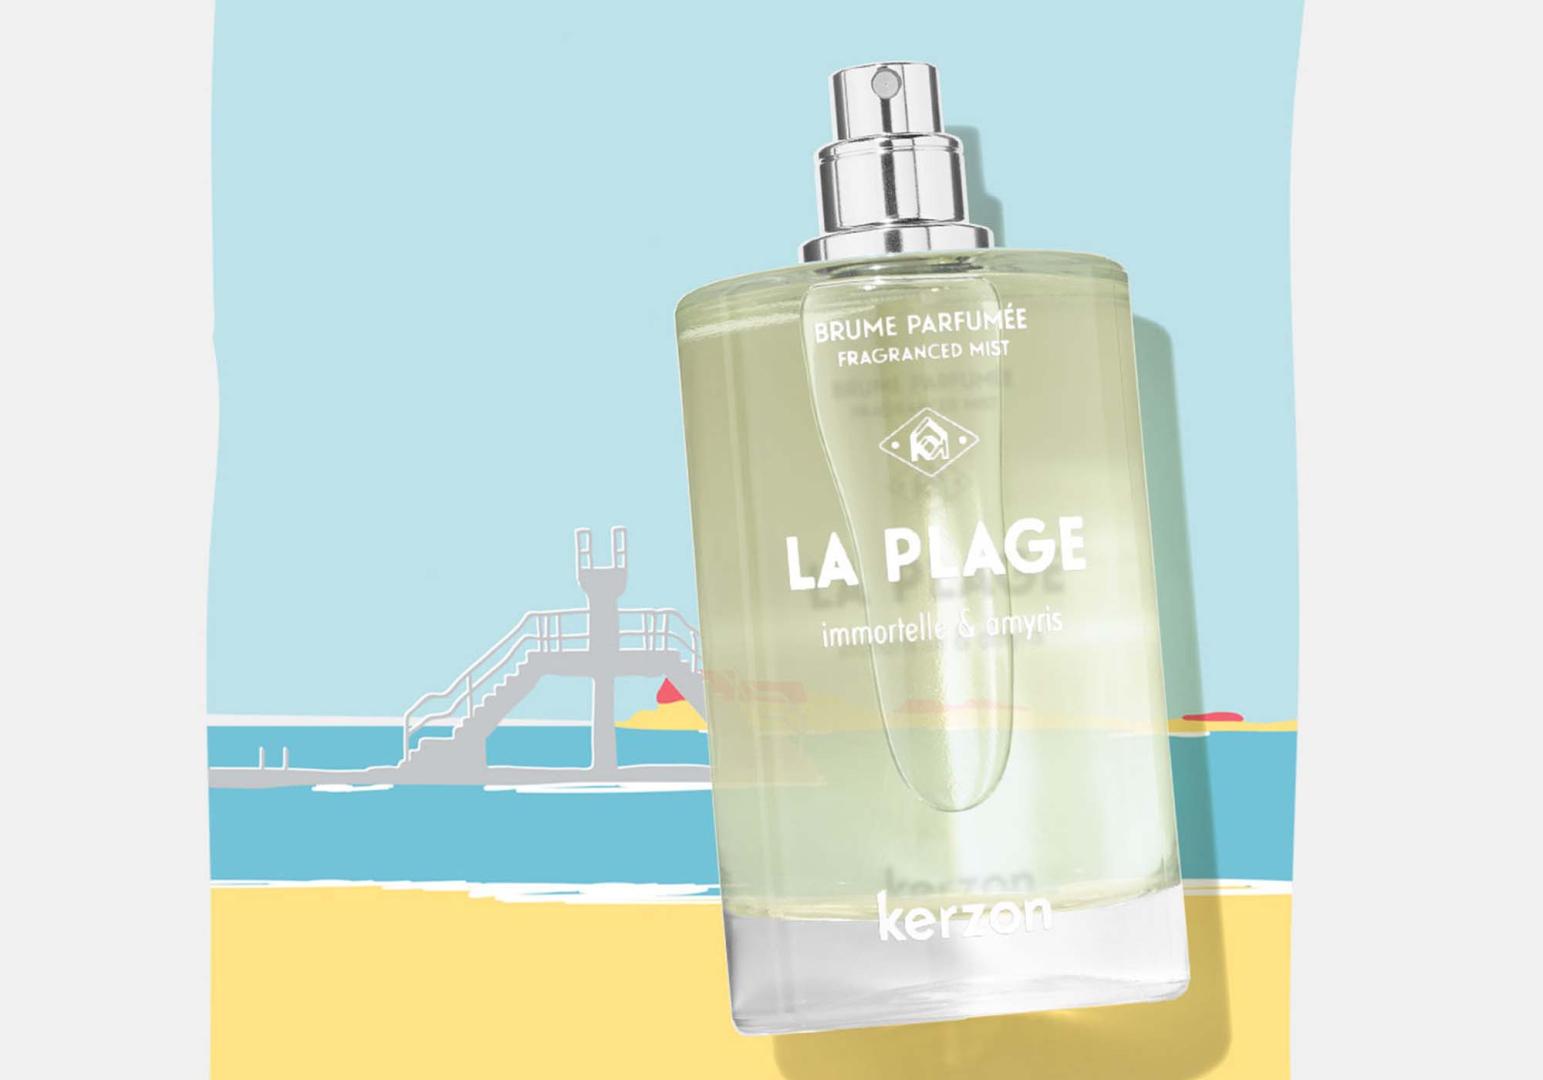 Brume parfumée - La plage - KERZON